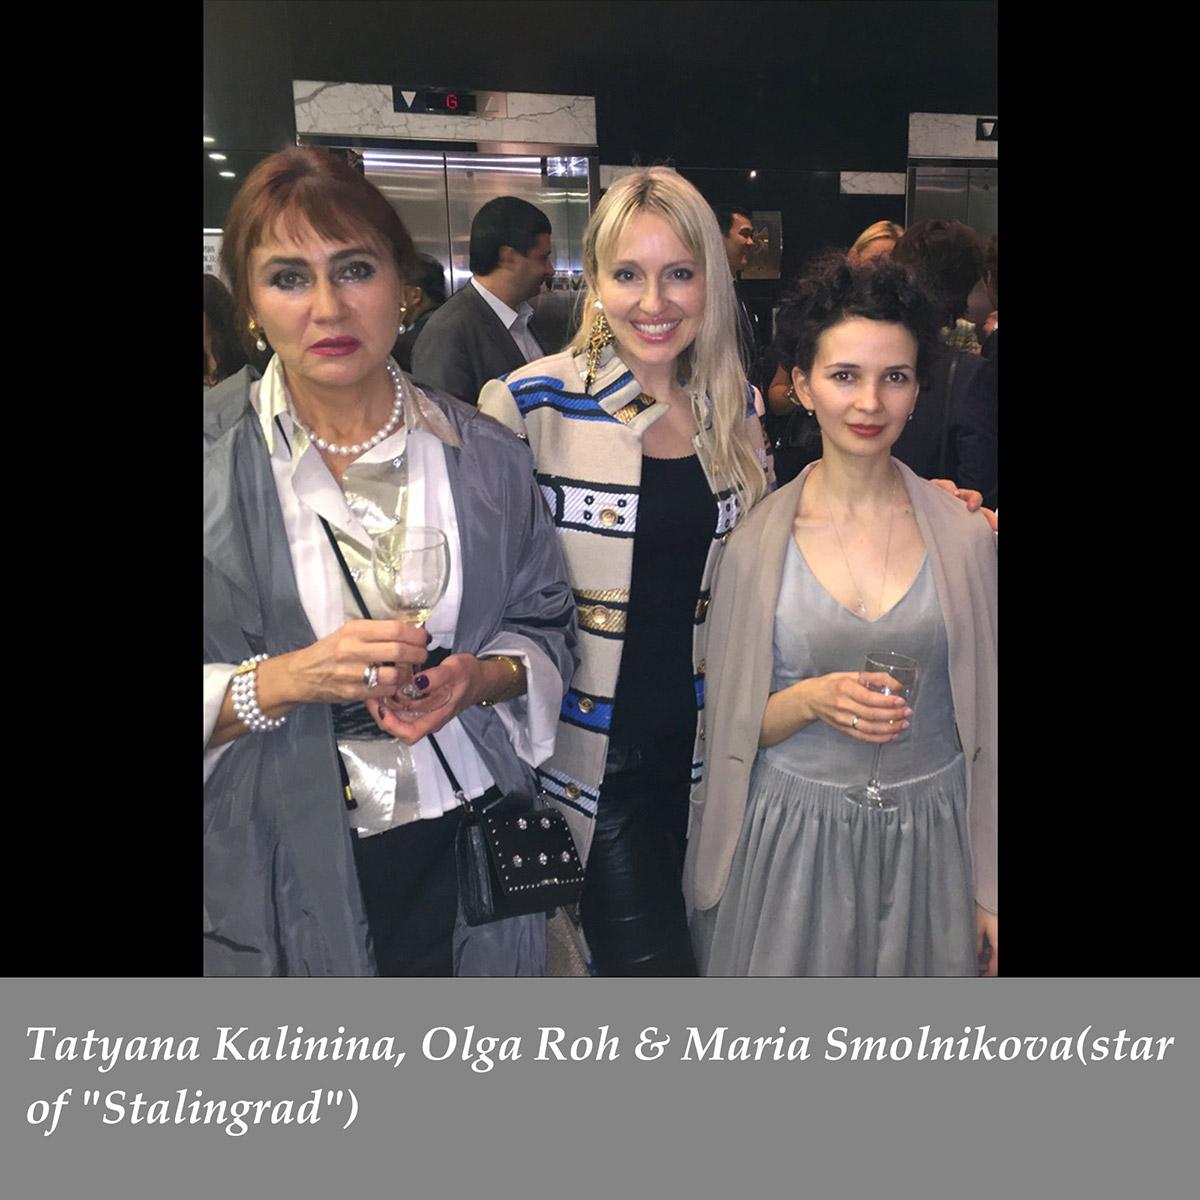 Tatyana-Kalinina-Olga-Roh-und-Maria-Smolnikova-star-of-Stalingrad